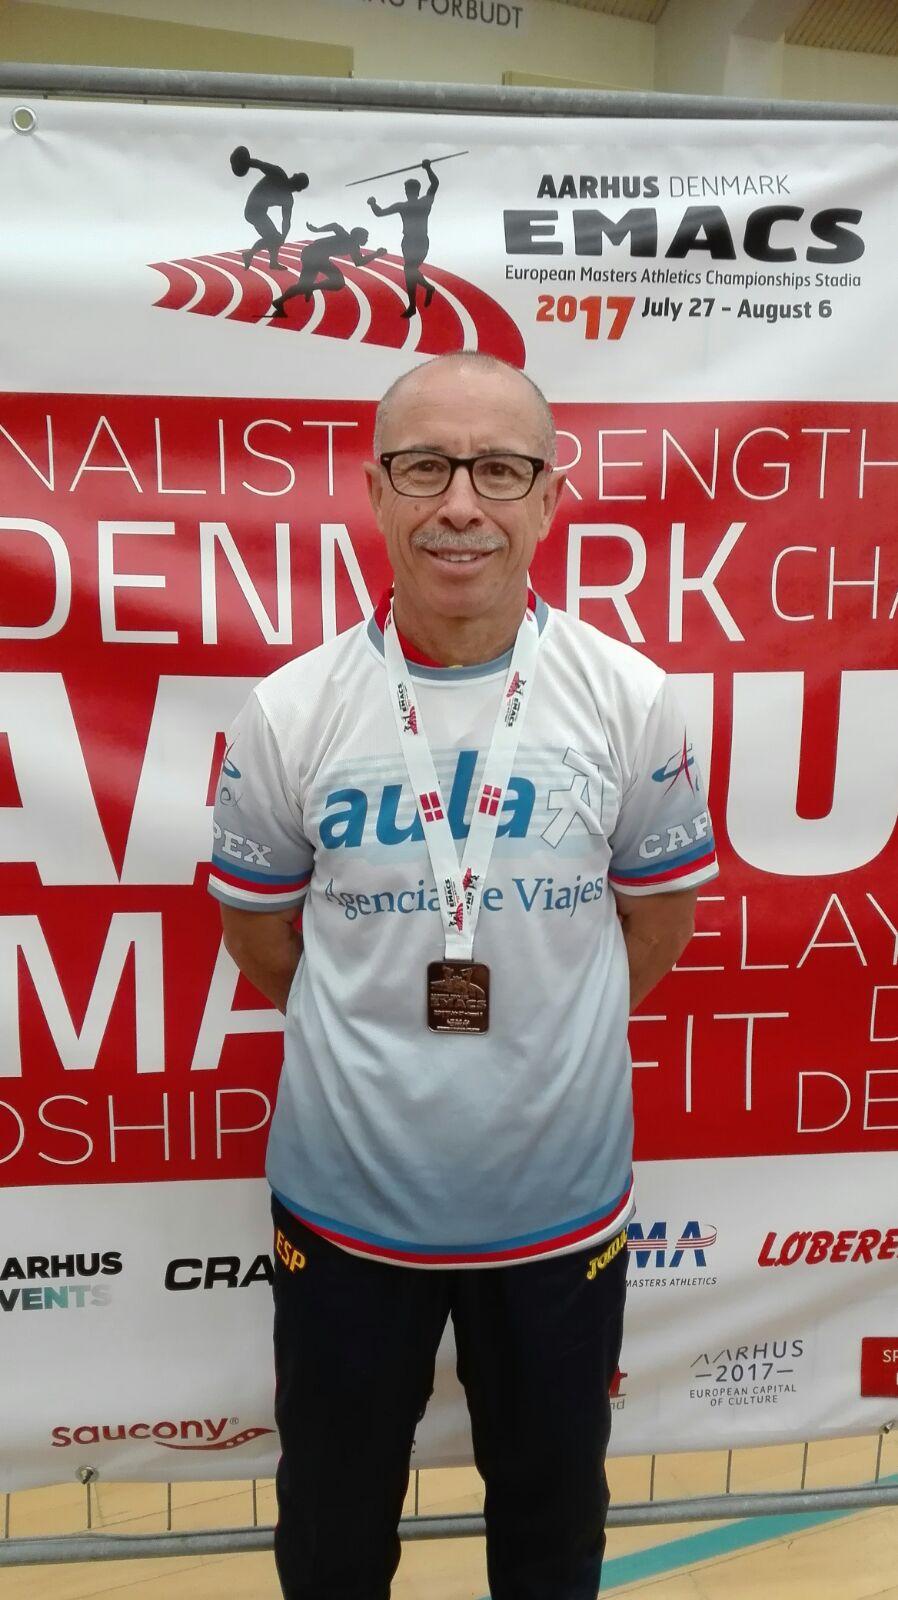 Miguel Periañez Consigue el Tercer puesto en el Campeonato de Europa Veteranos